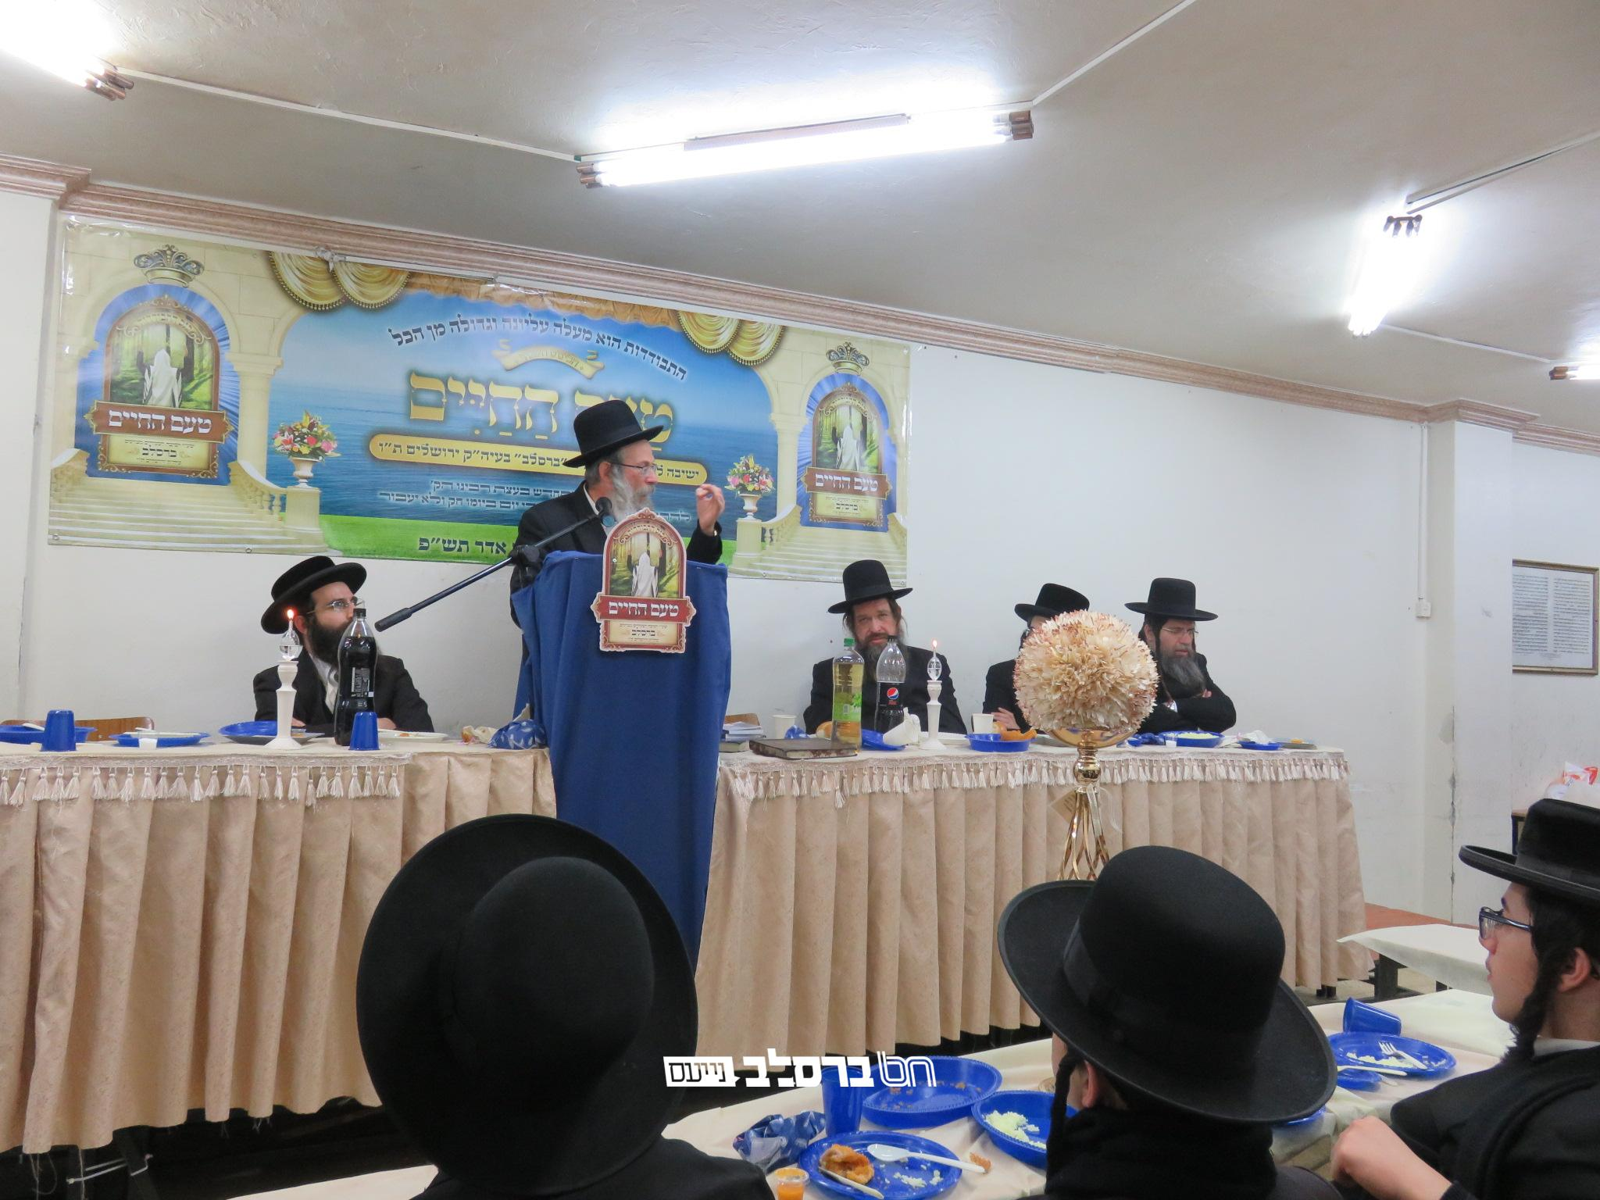 """ירושלים: כינוס """"טעם החיים"""" לחיבור יציב עם עצת ההתבודדות בישיבה קטנה ברסלב"""